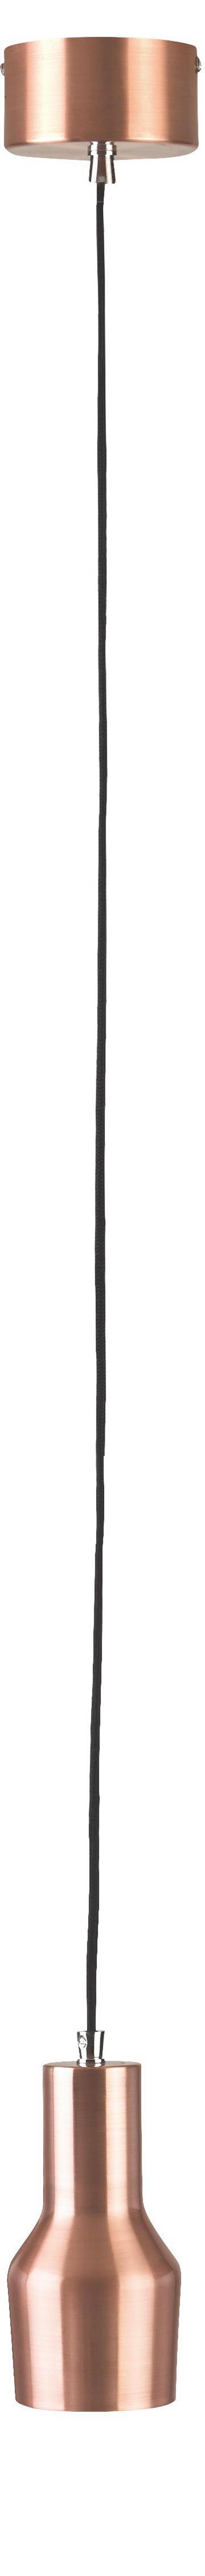 HÄNGELEUCHTE - Kupferfarben, KONVENTIONELL, Metall (125/9/17cm)